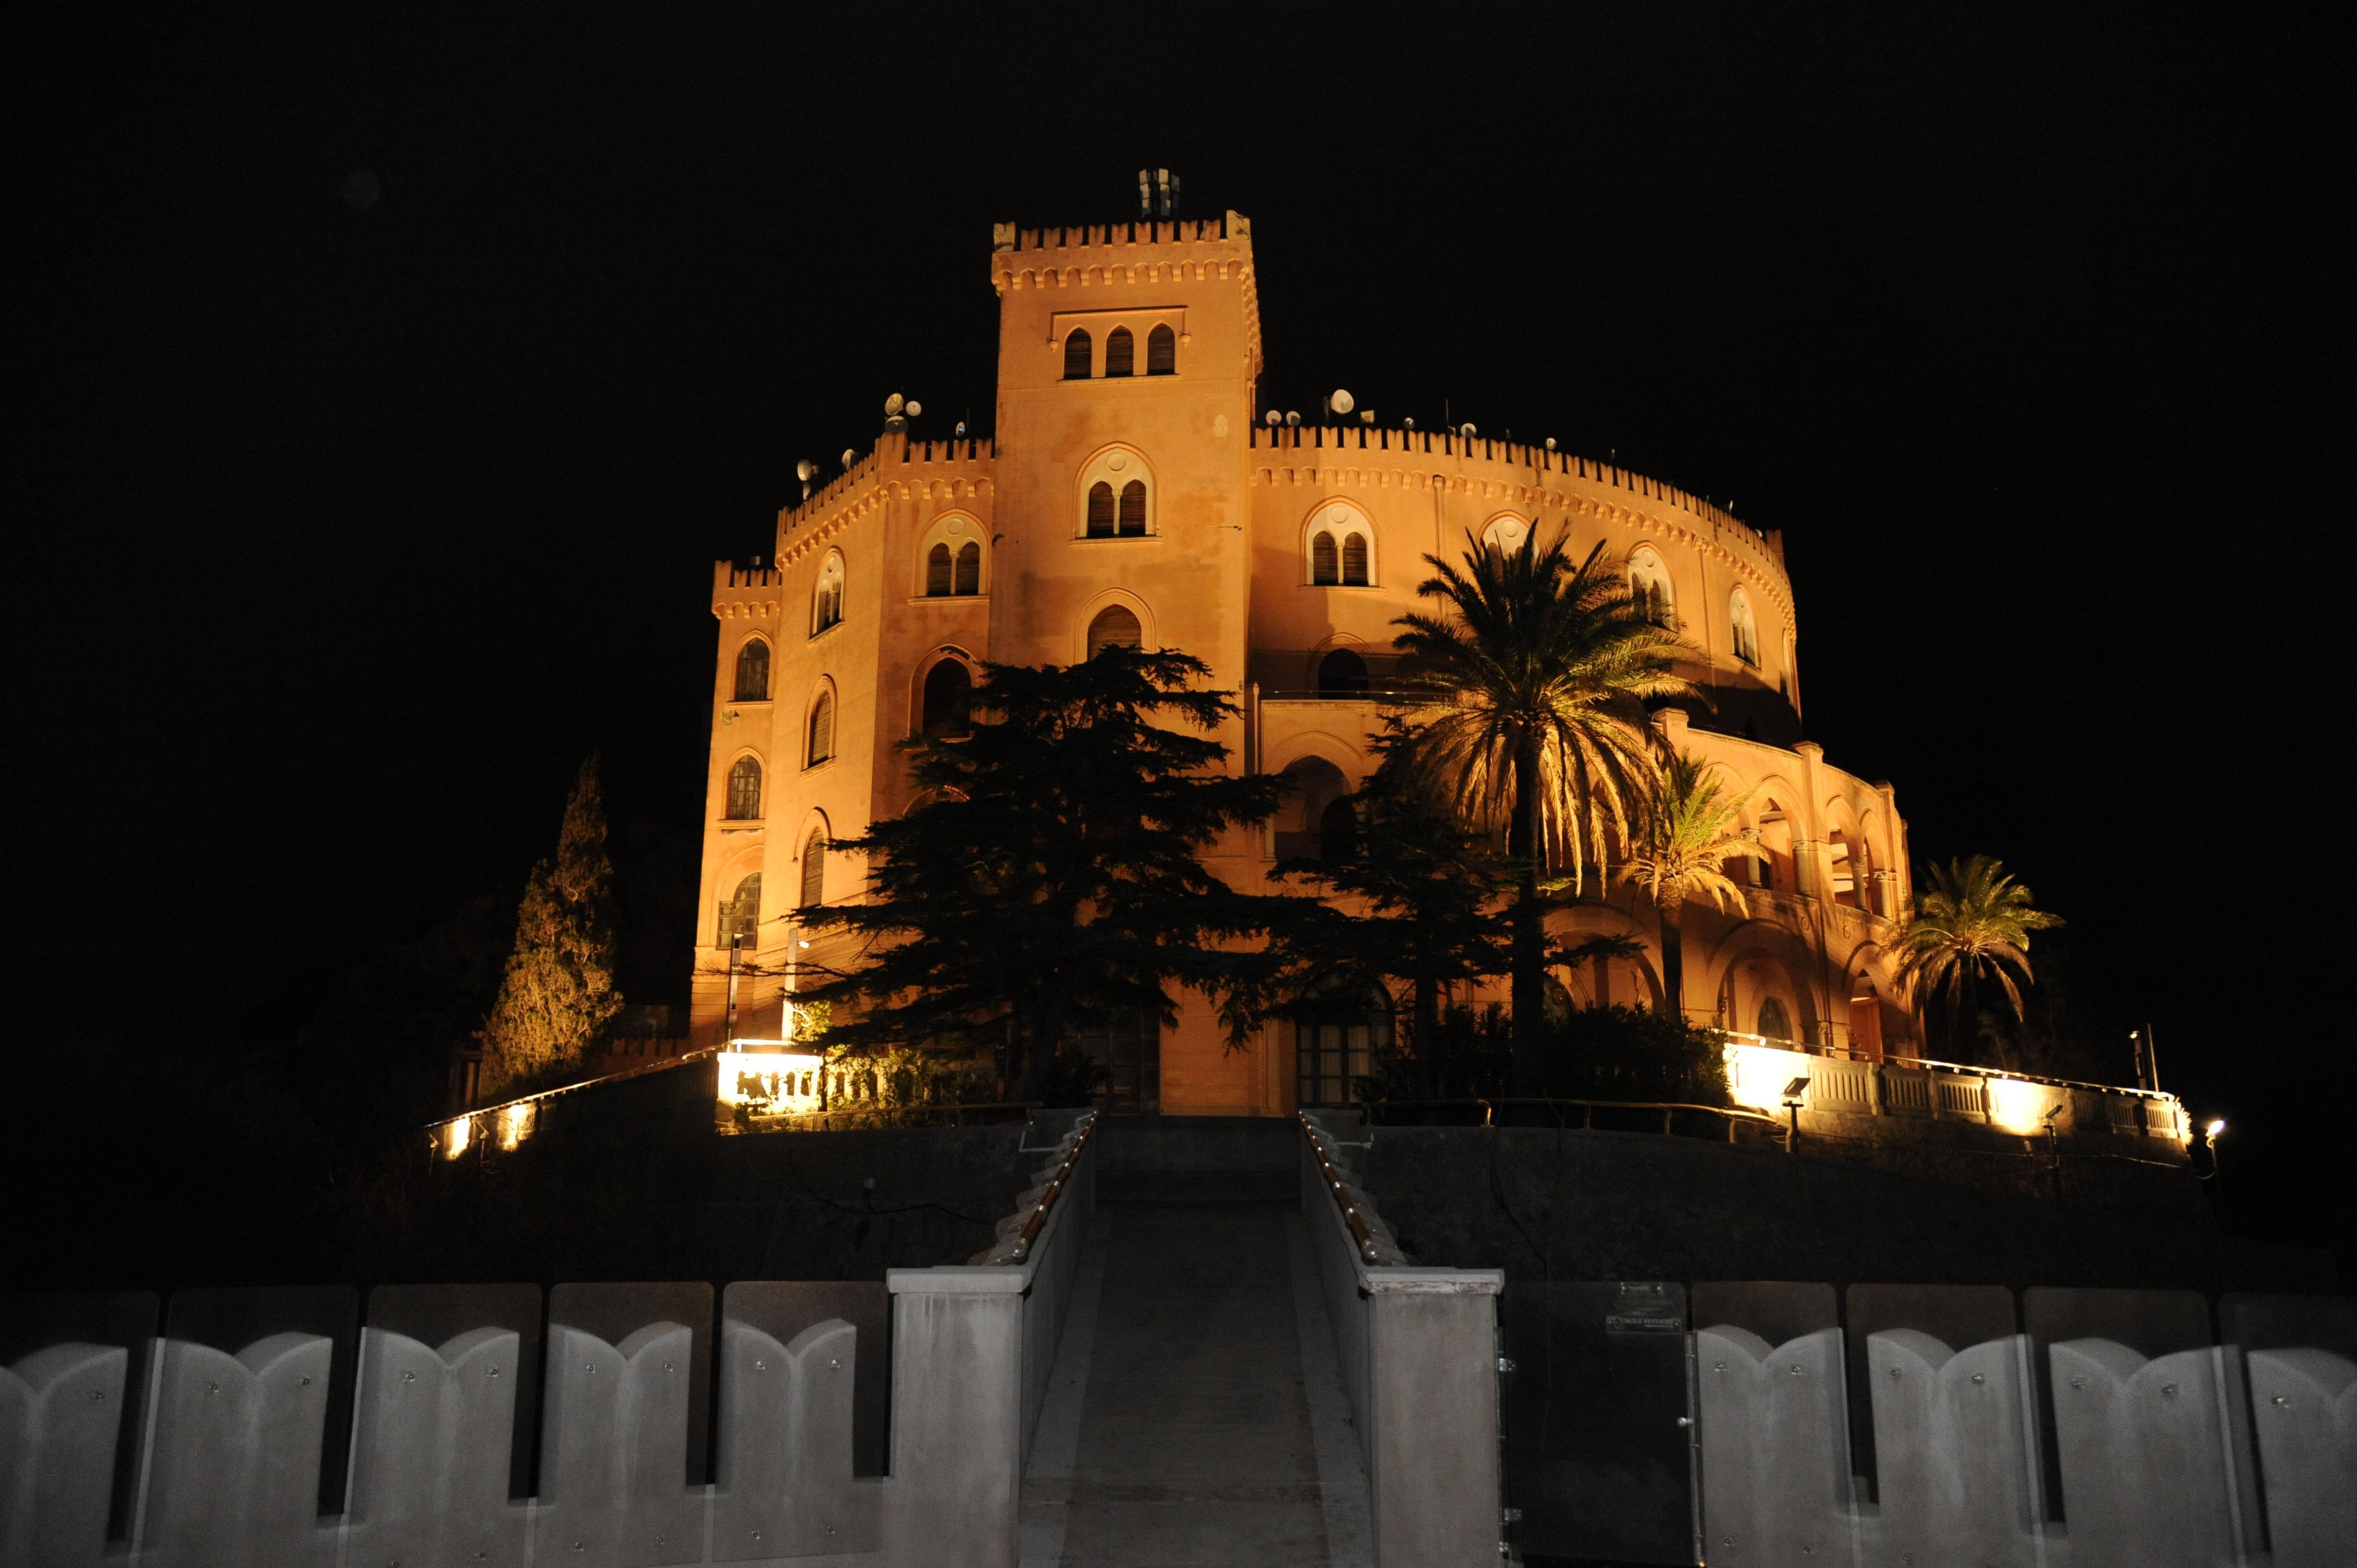 Palermo luci spente a piazza pretoria teatro massimo e politeama